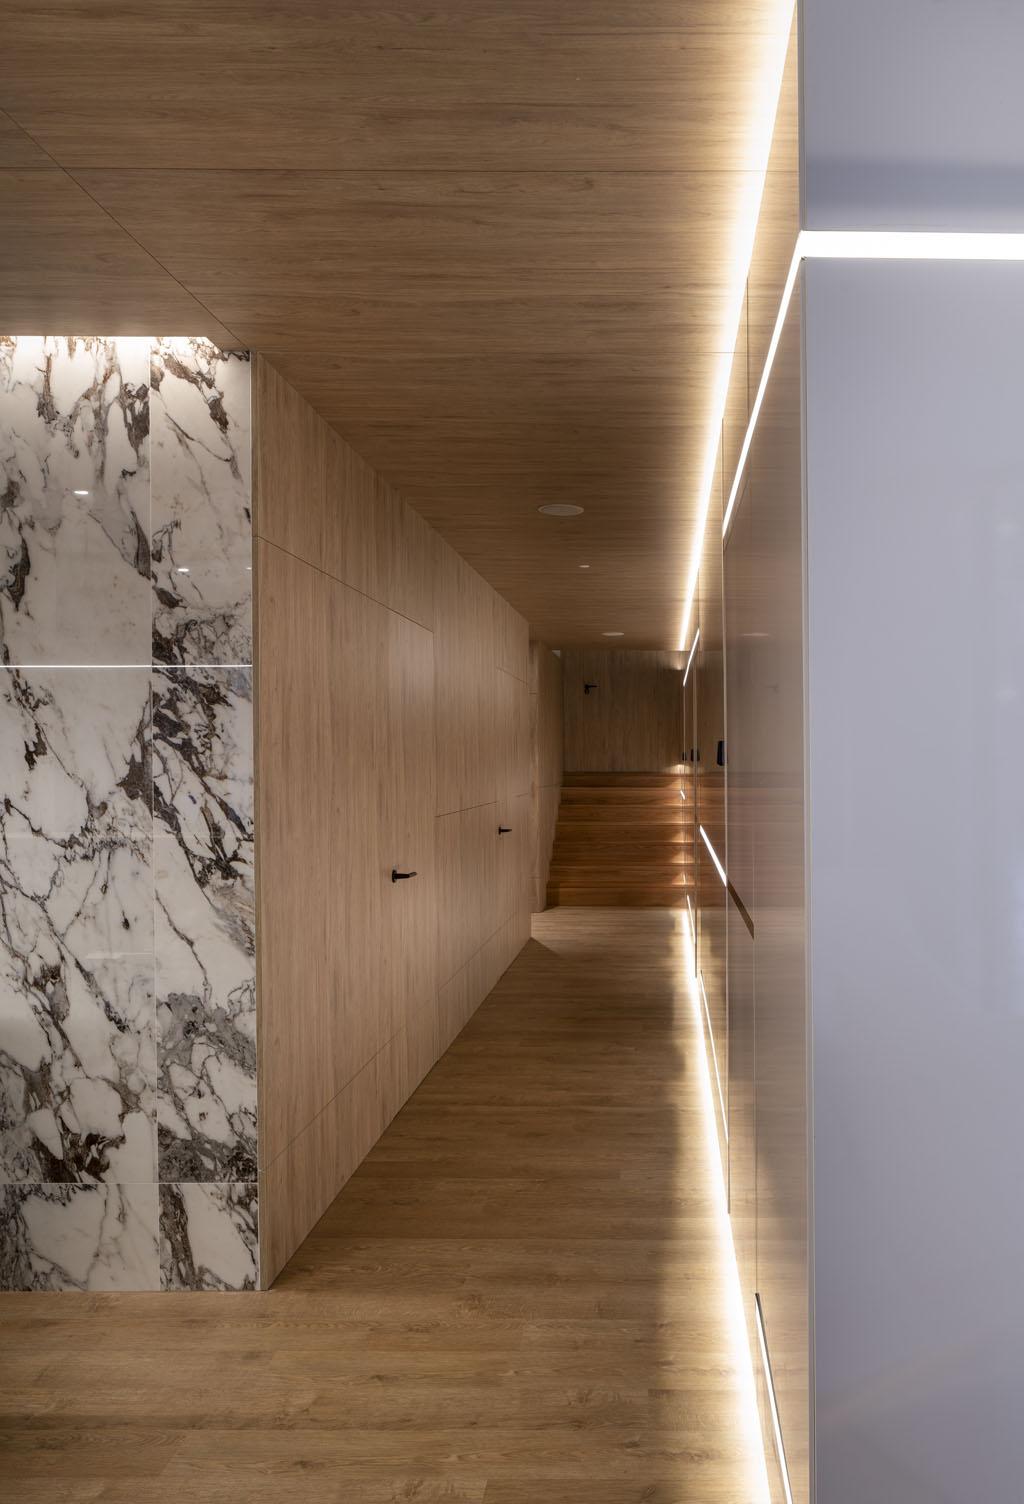 ANATOMIA_web_021-Erlantz Biderbost fotografo de arquitectura e interiores